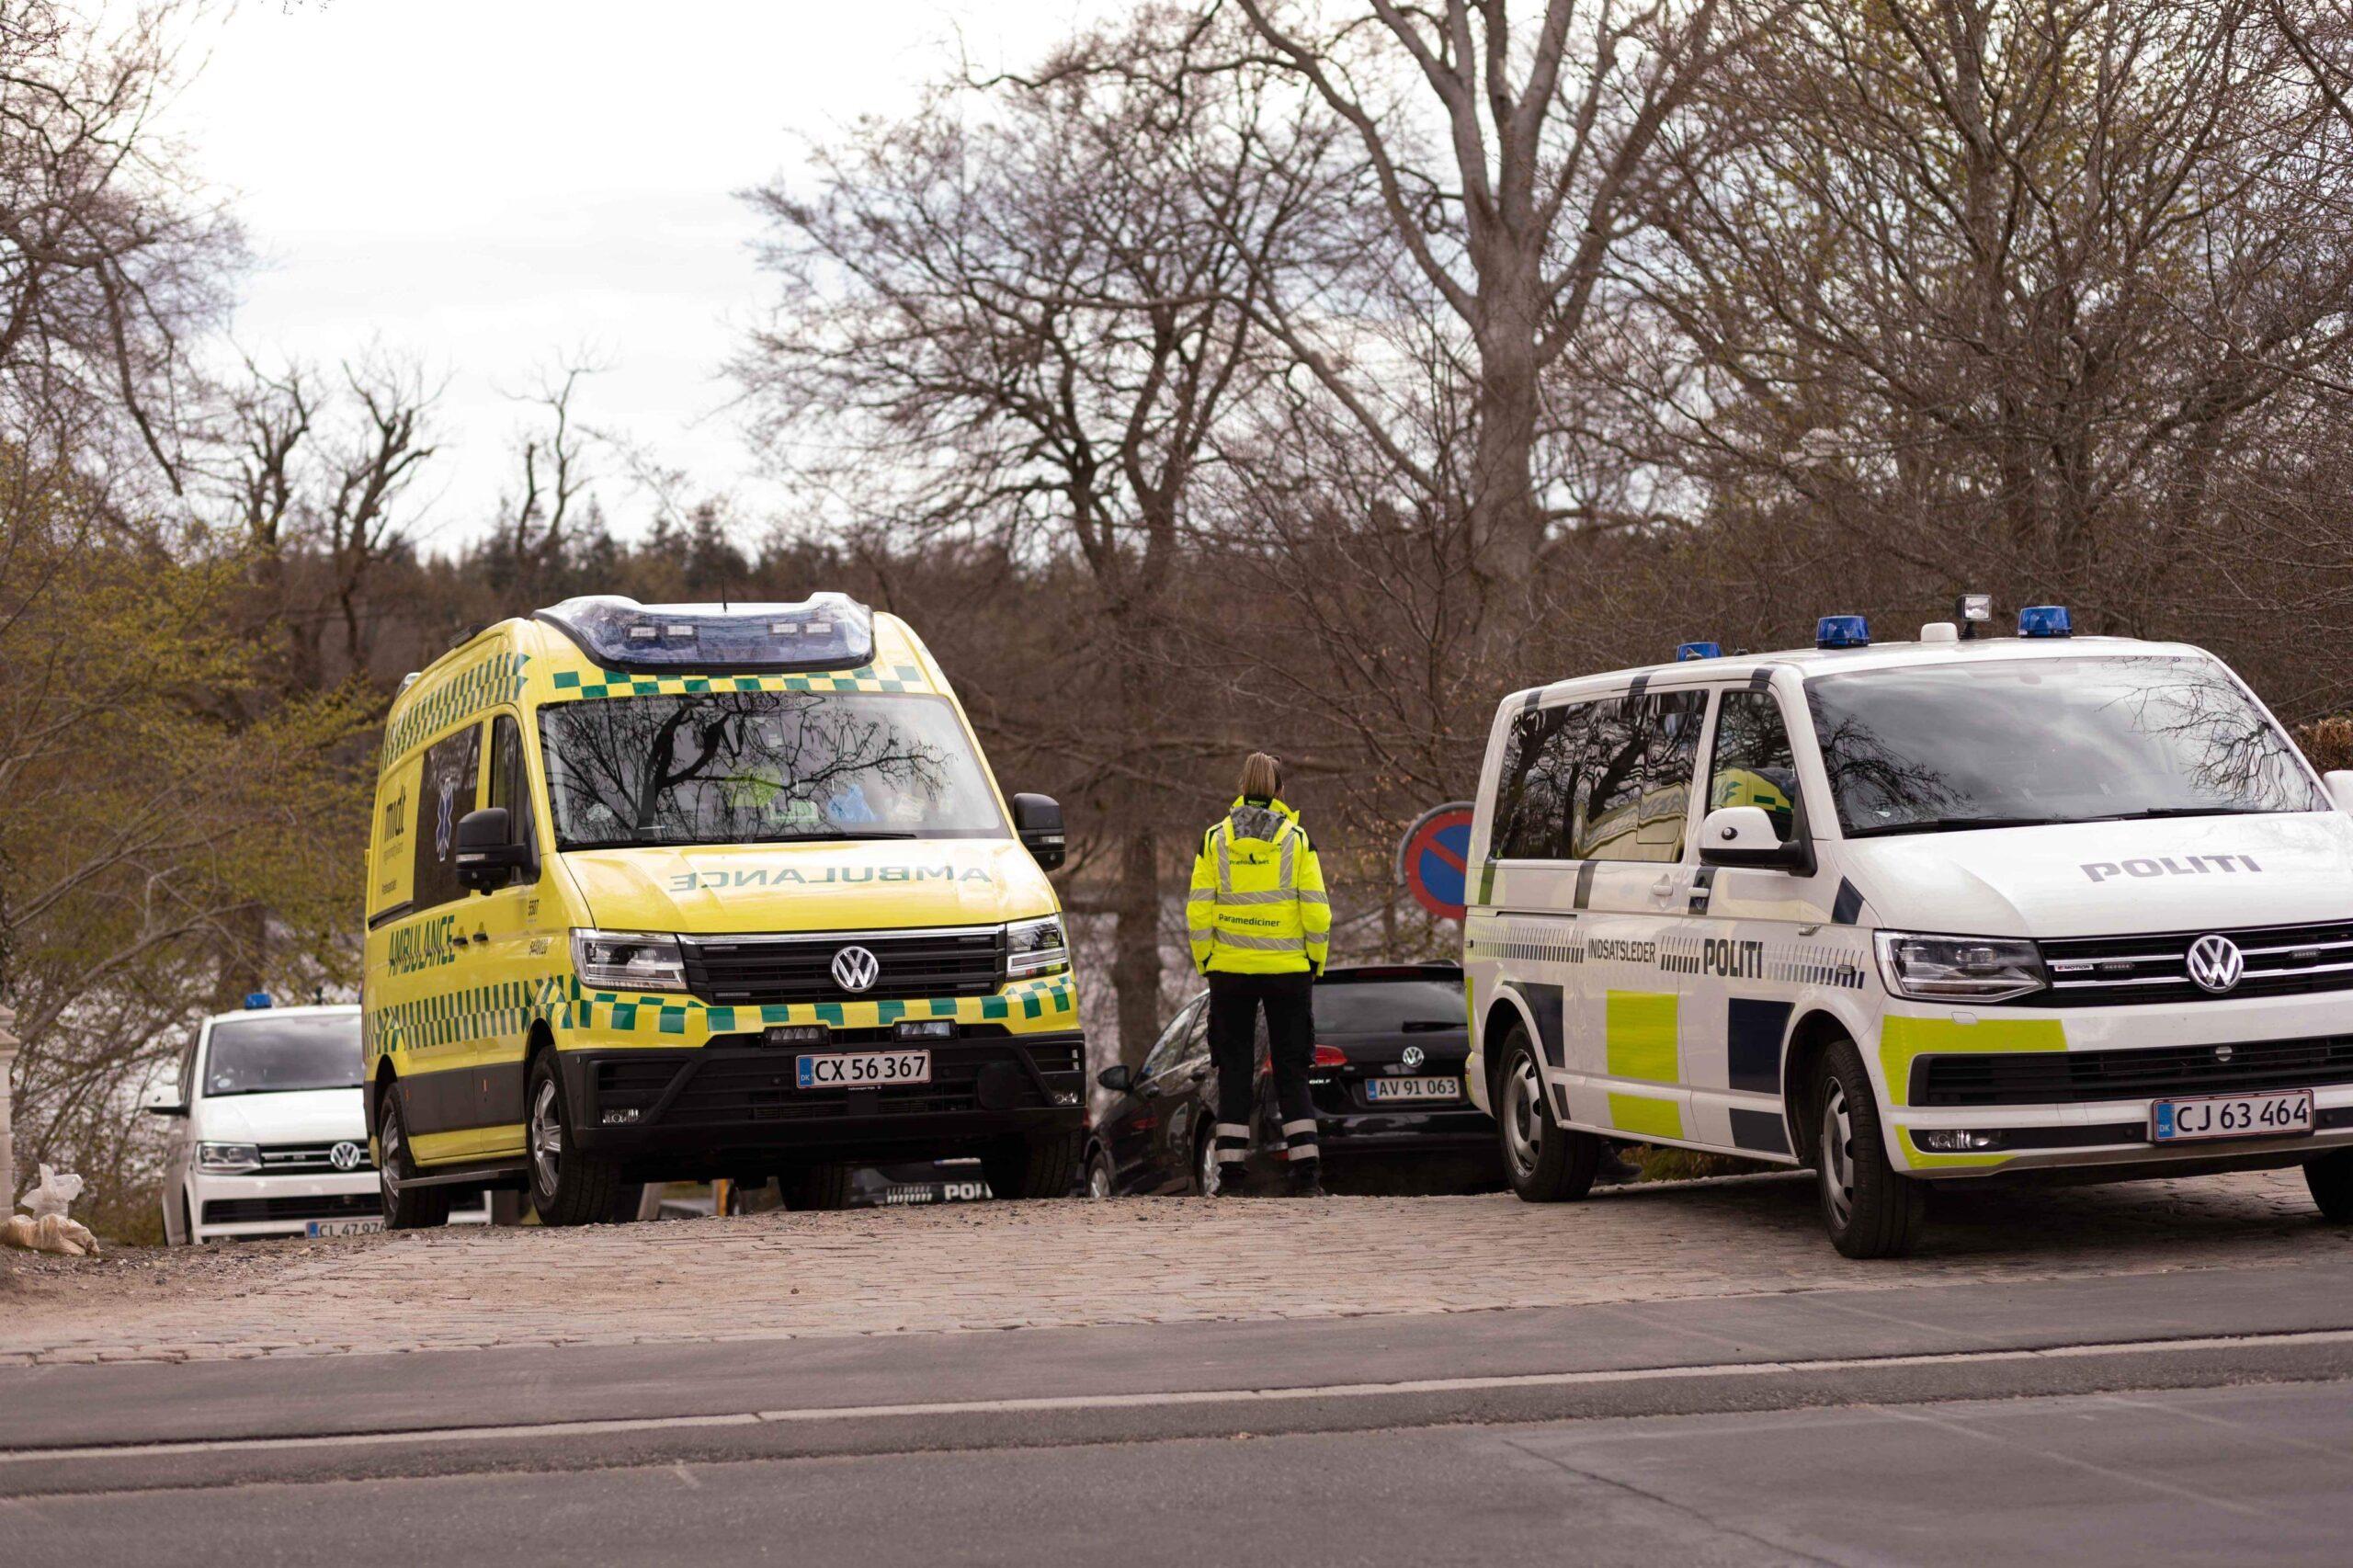 Kæmpe politiaktion i Silkeborg - op mod 25 kampklædte betjente til stede